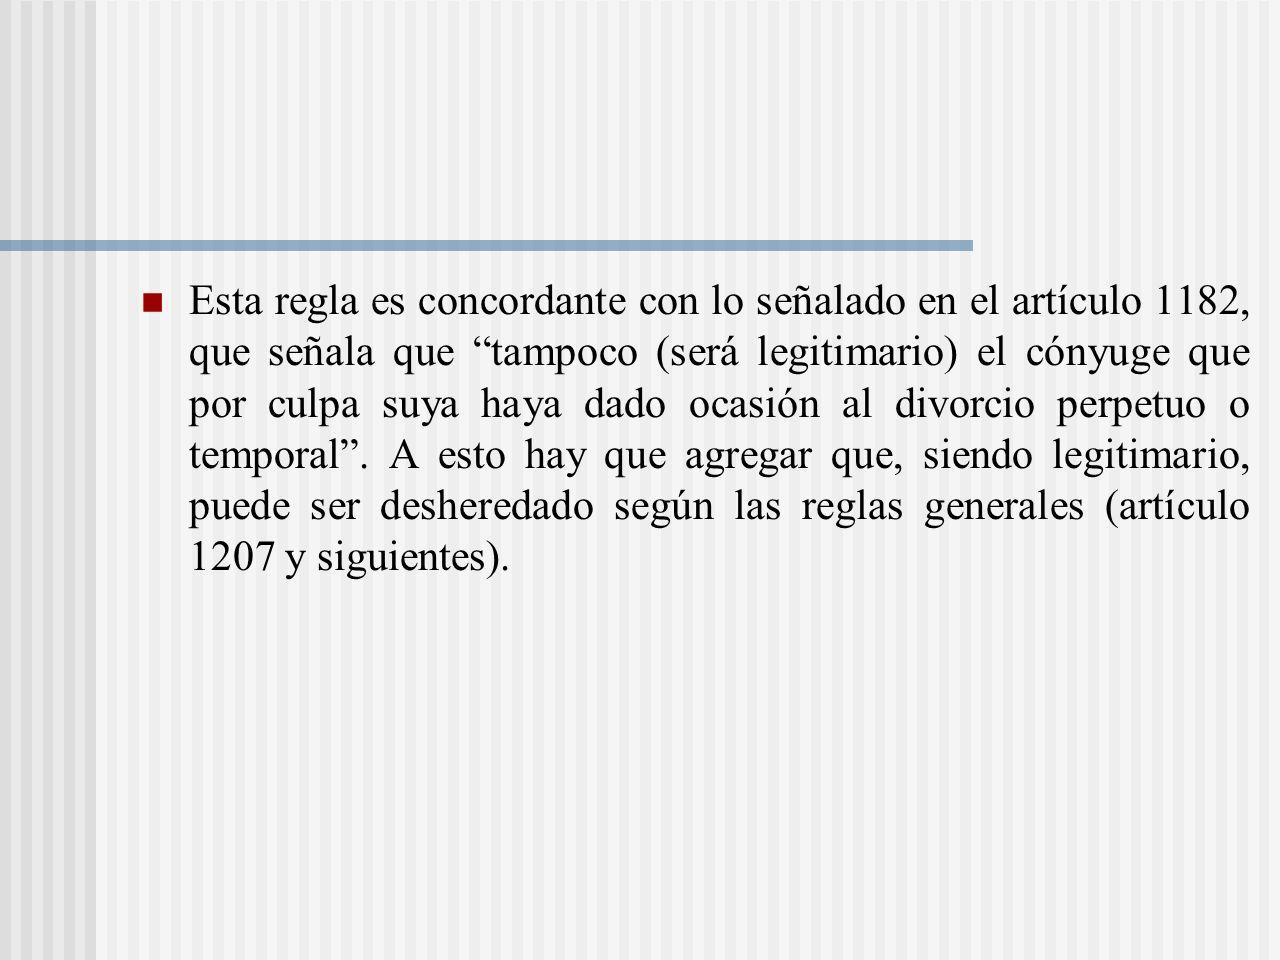 Esta regla es concordante con lo señalado en el artículo 1182, que señala que tampoco (será legitimario) el cónyuge que por culpa suya haya dado ocasión al divorcio perpetuo o temporal .